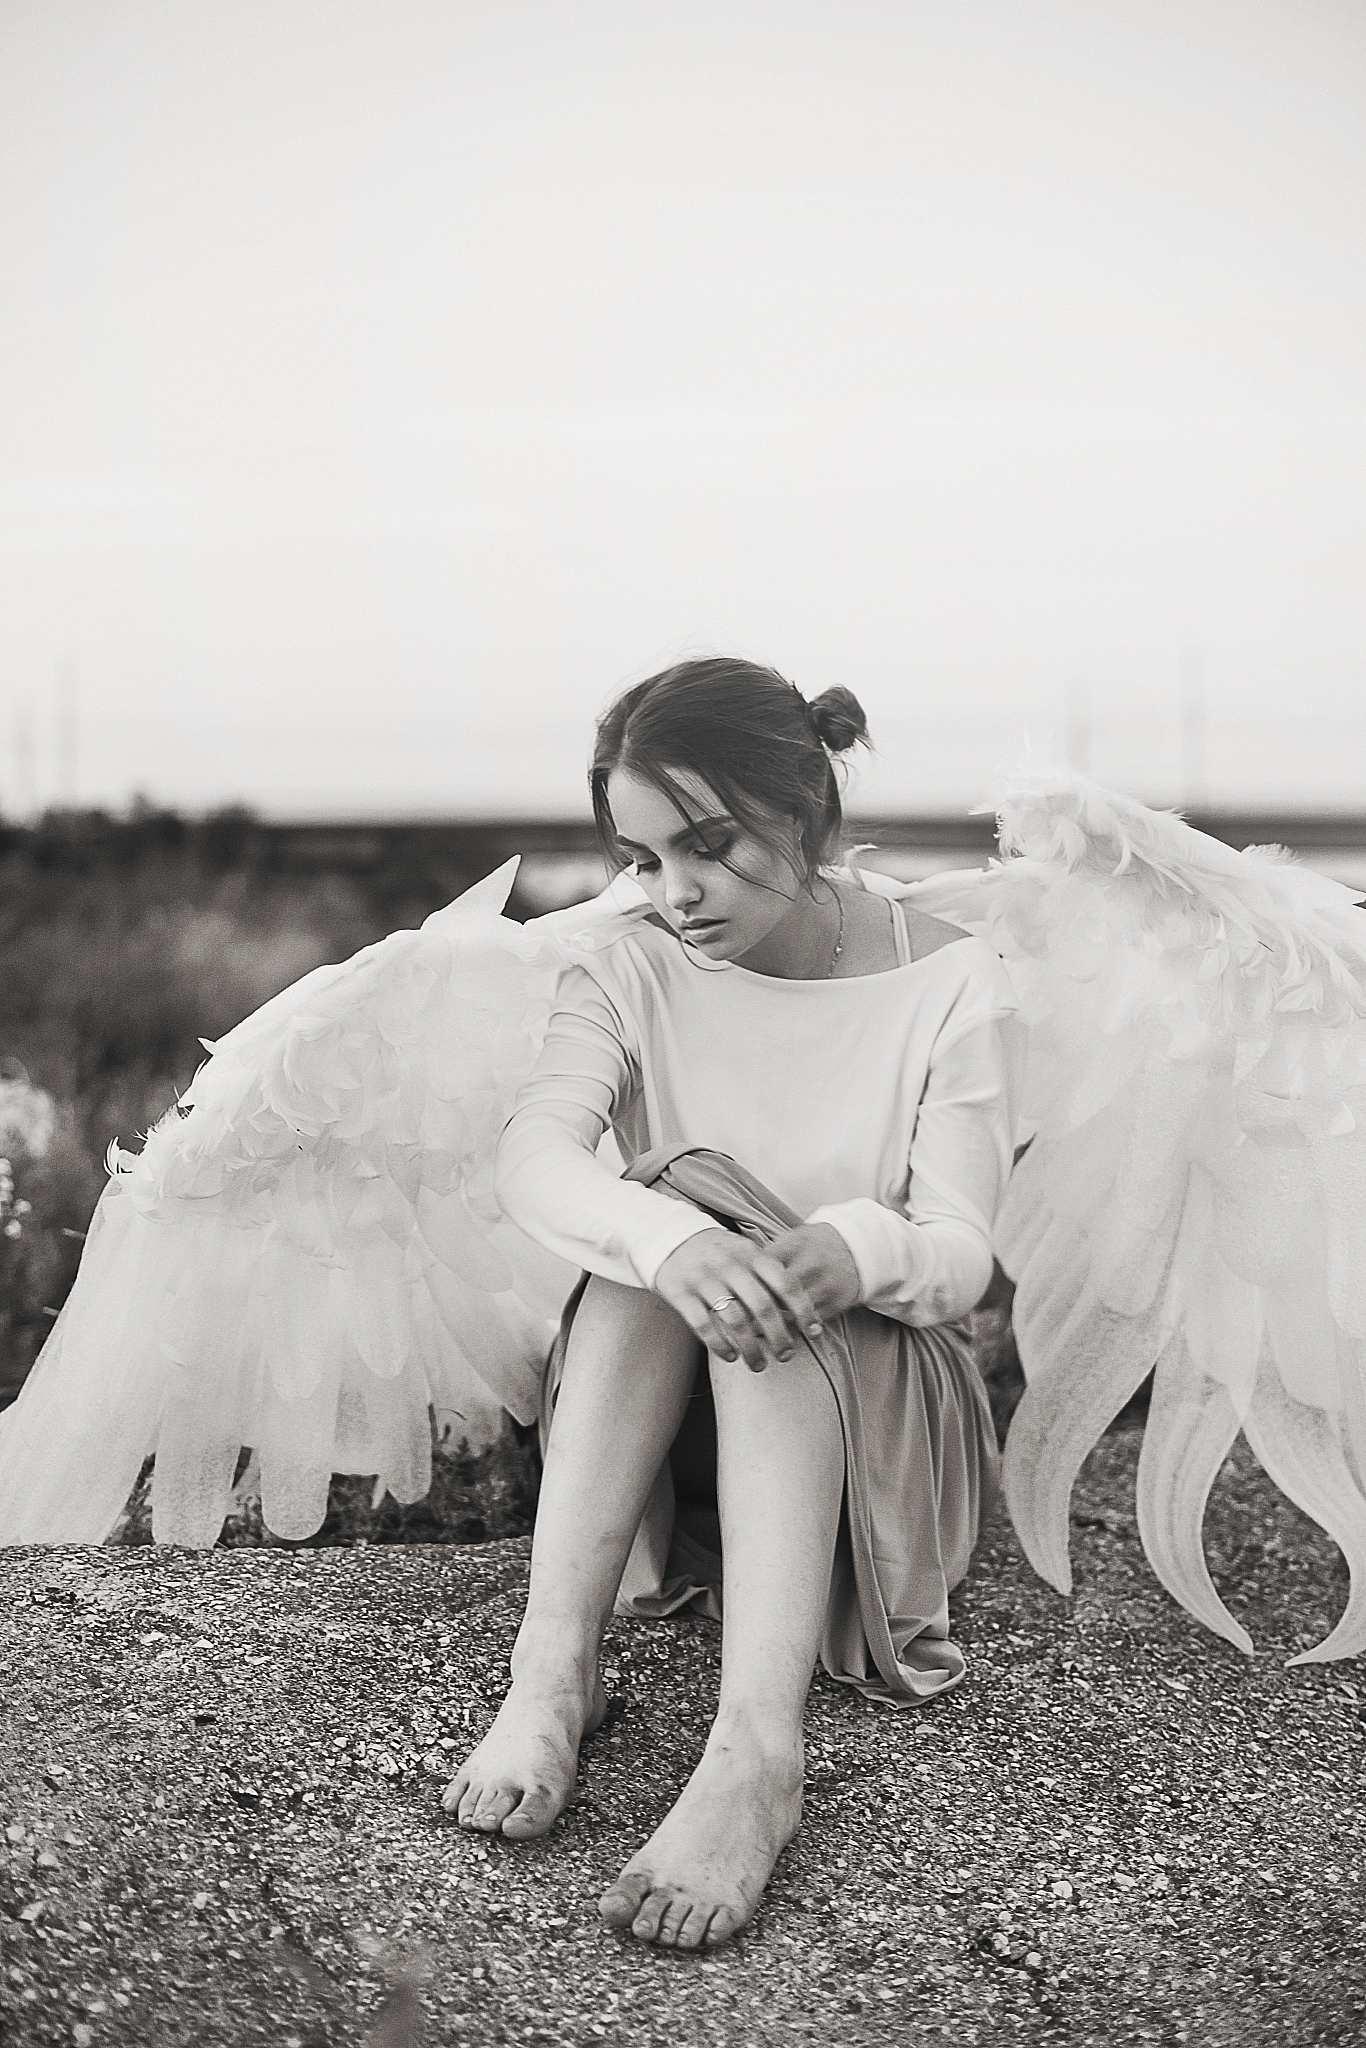 висячего грустный ангел фото насколько знаю